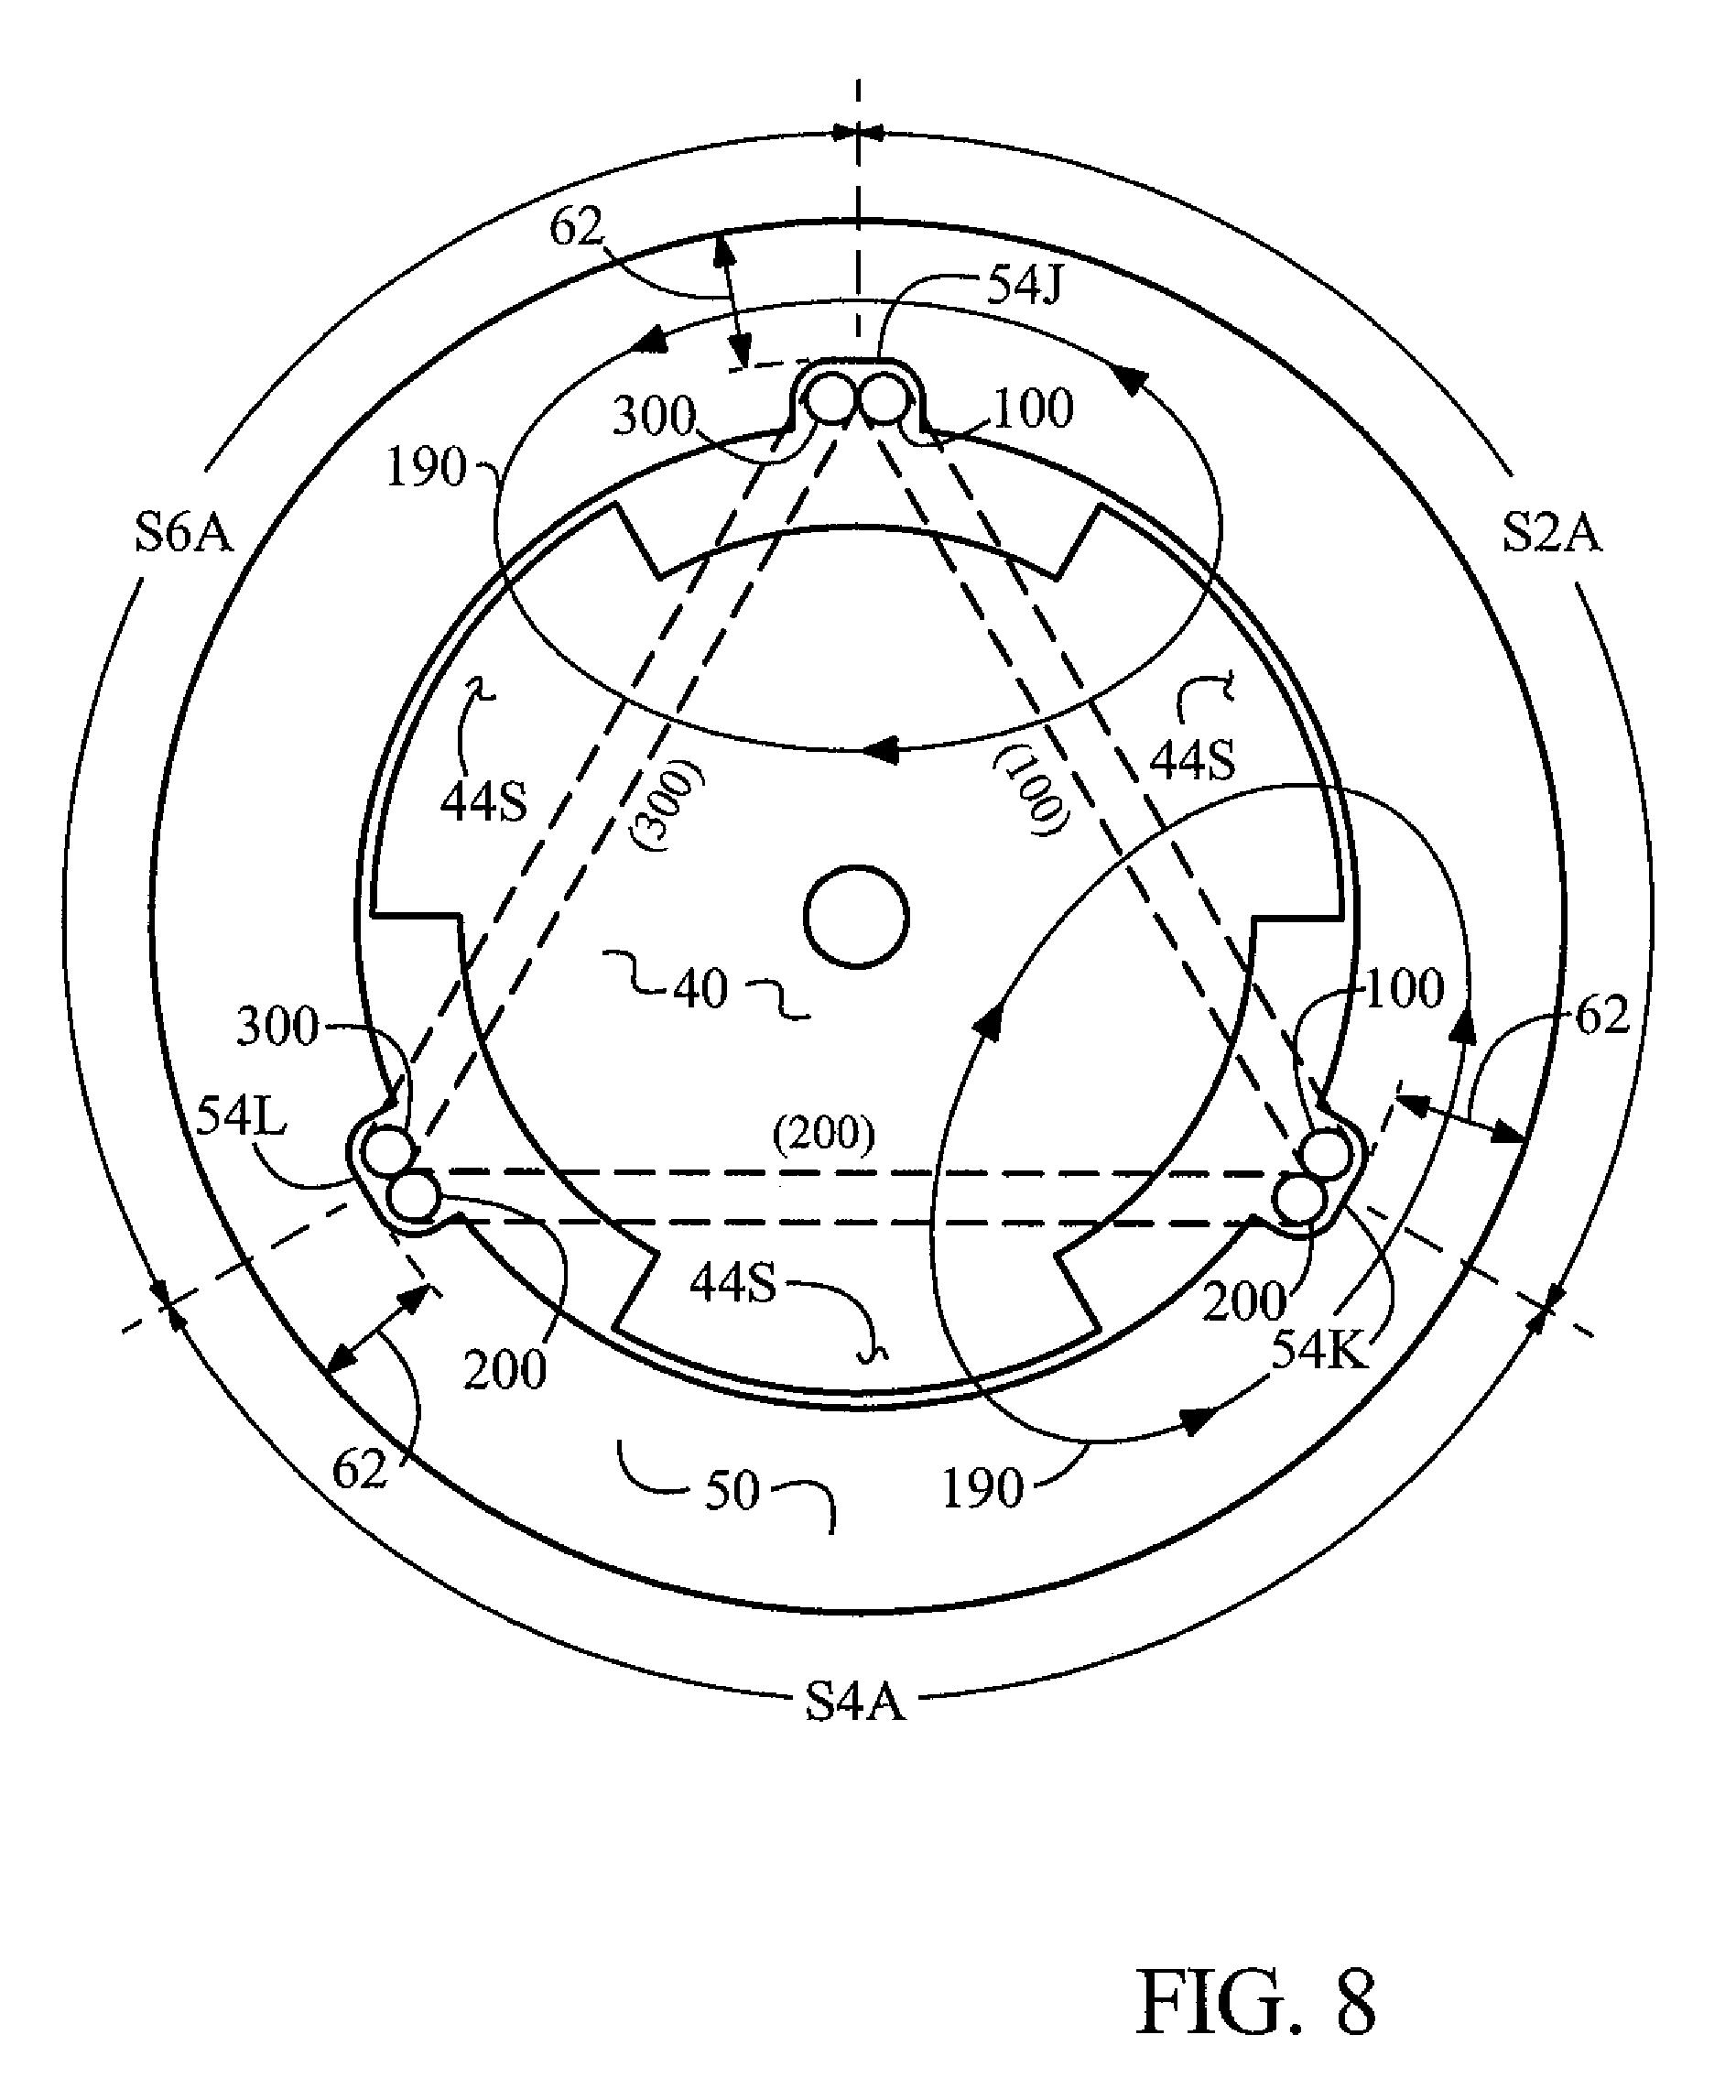 Gy6 Magneto Wiring Schematic